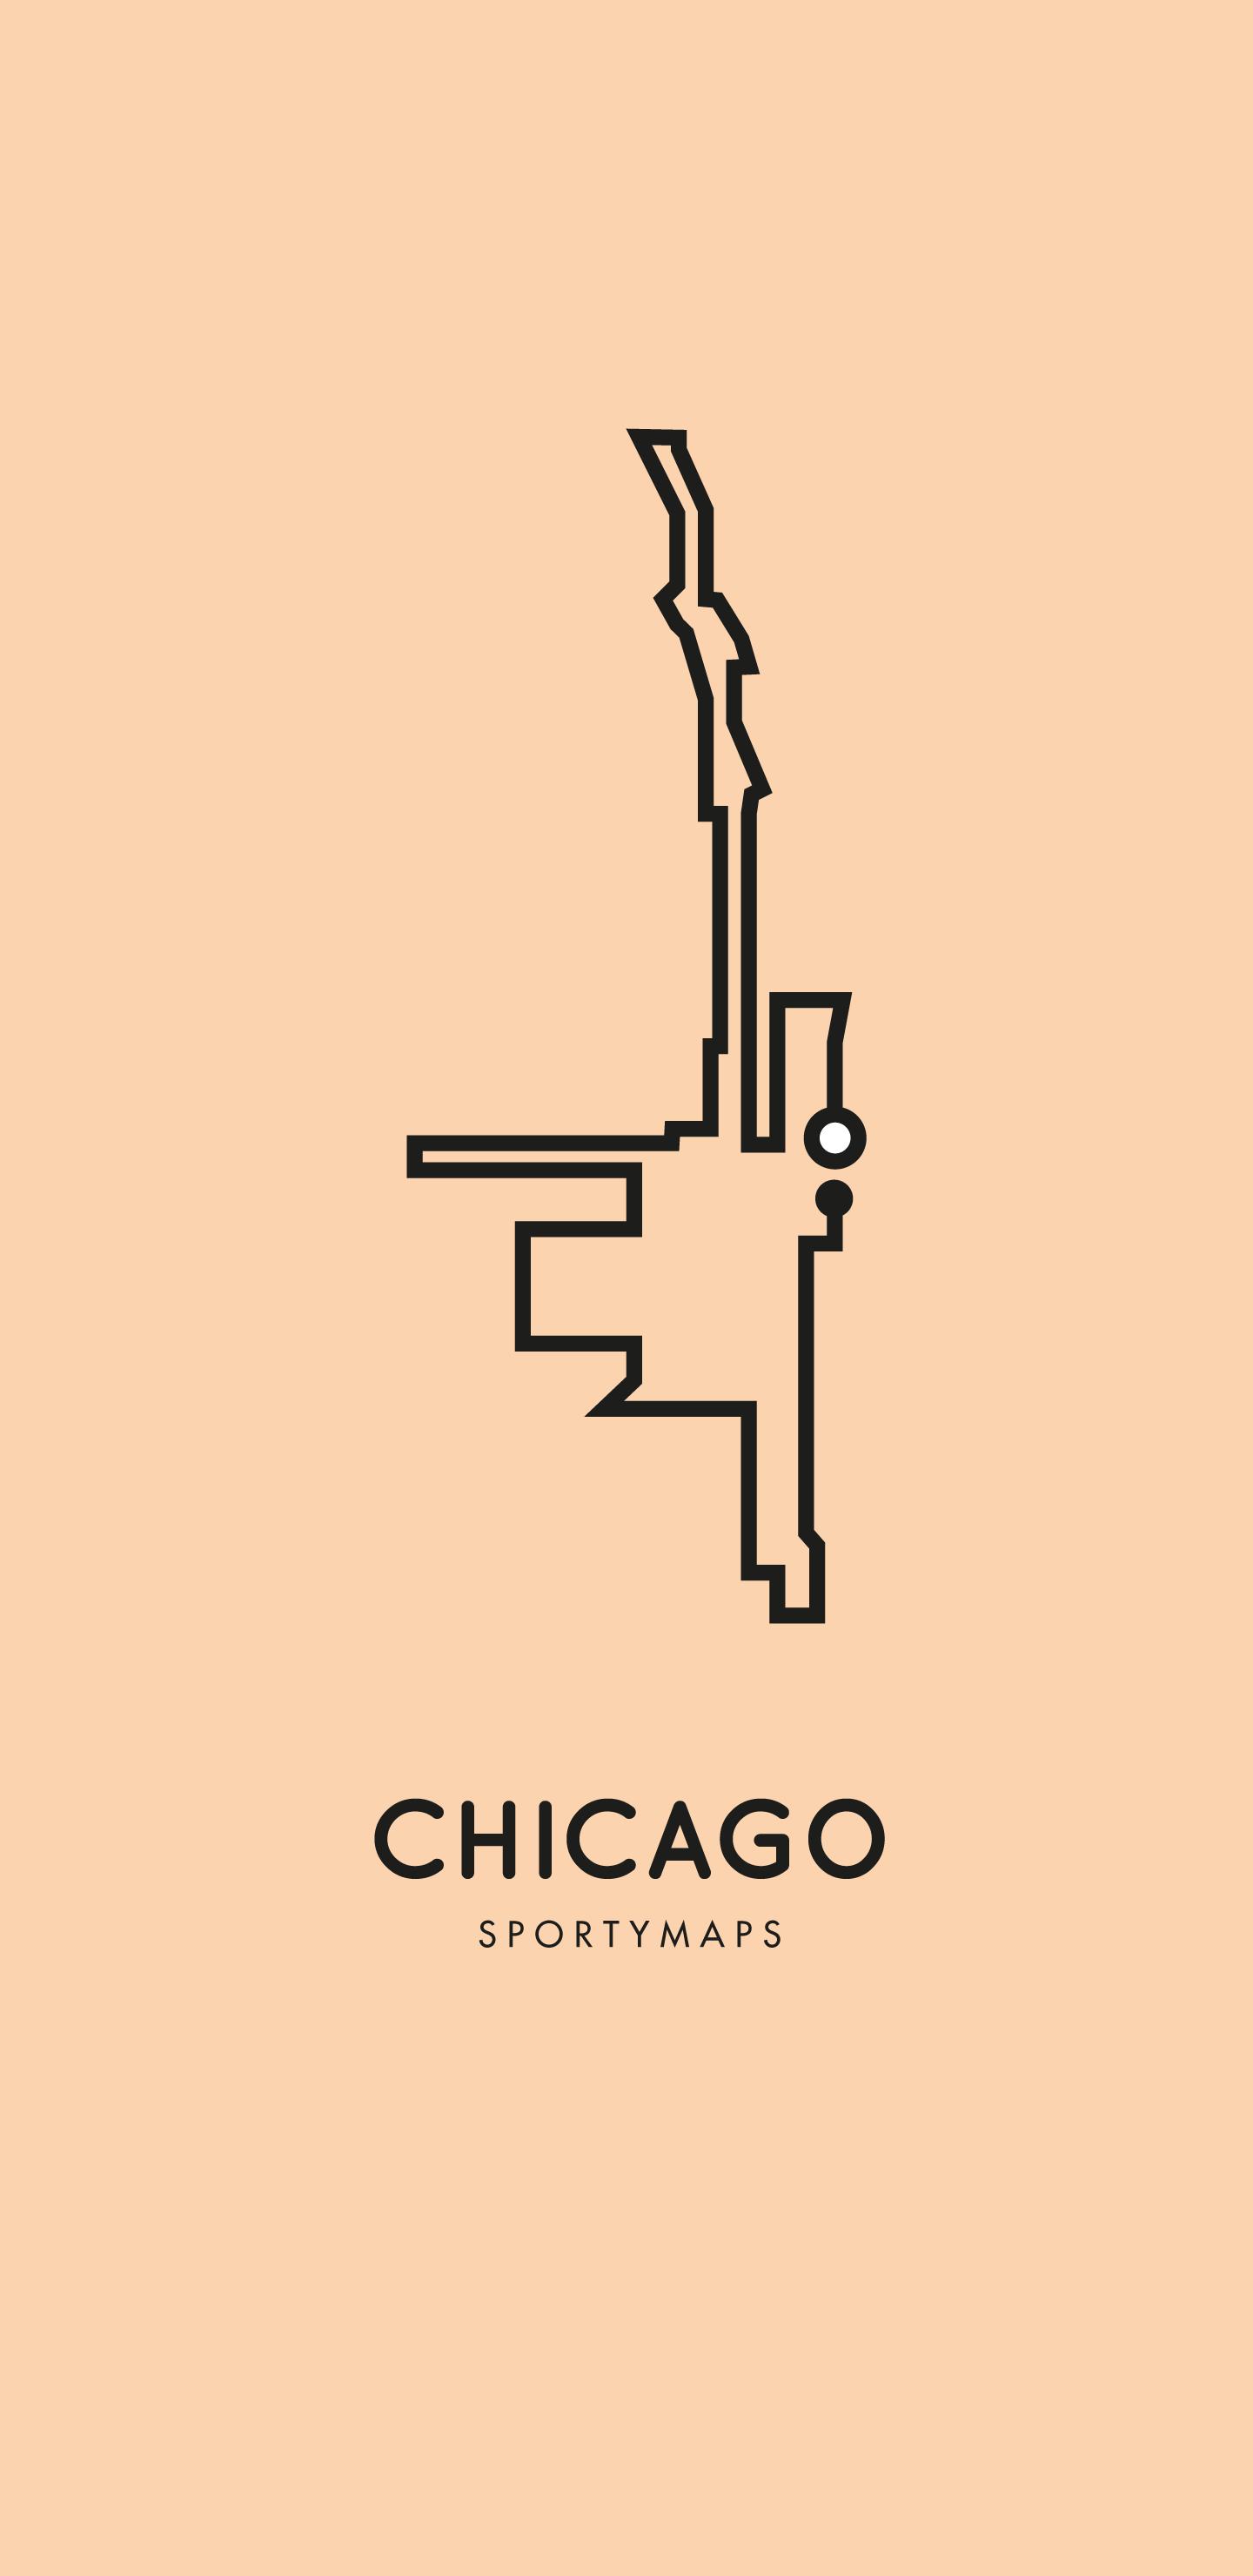 Sportymaps-Chicago-marathon-orange